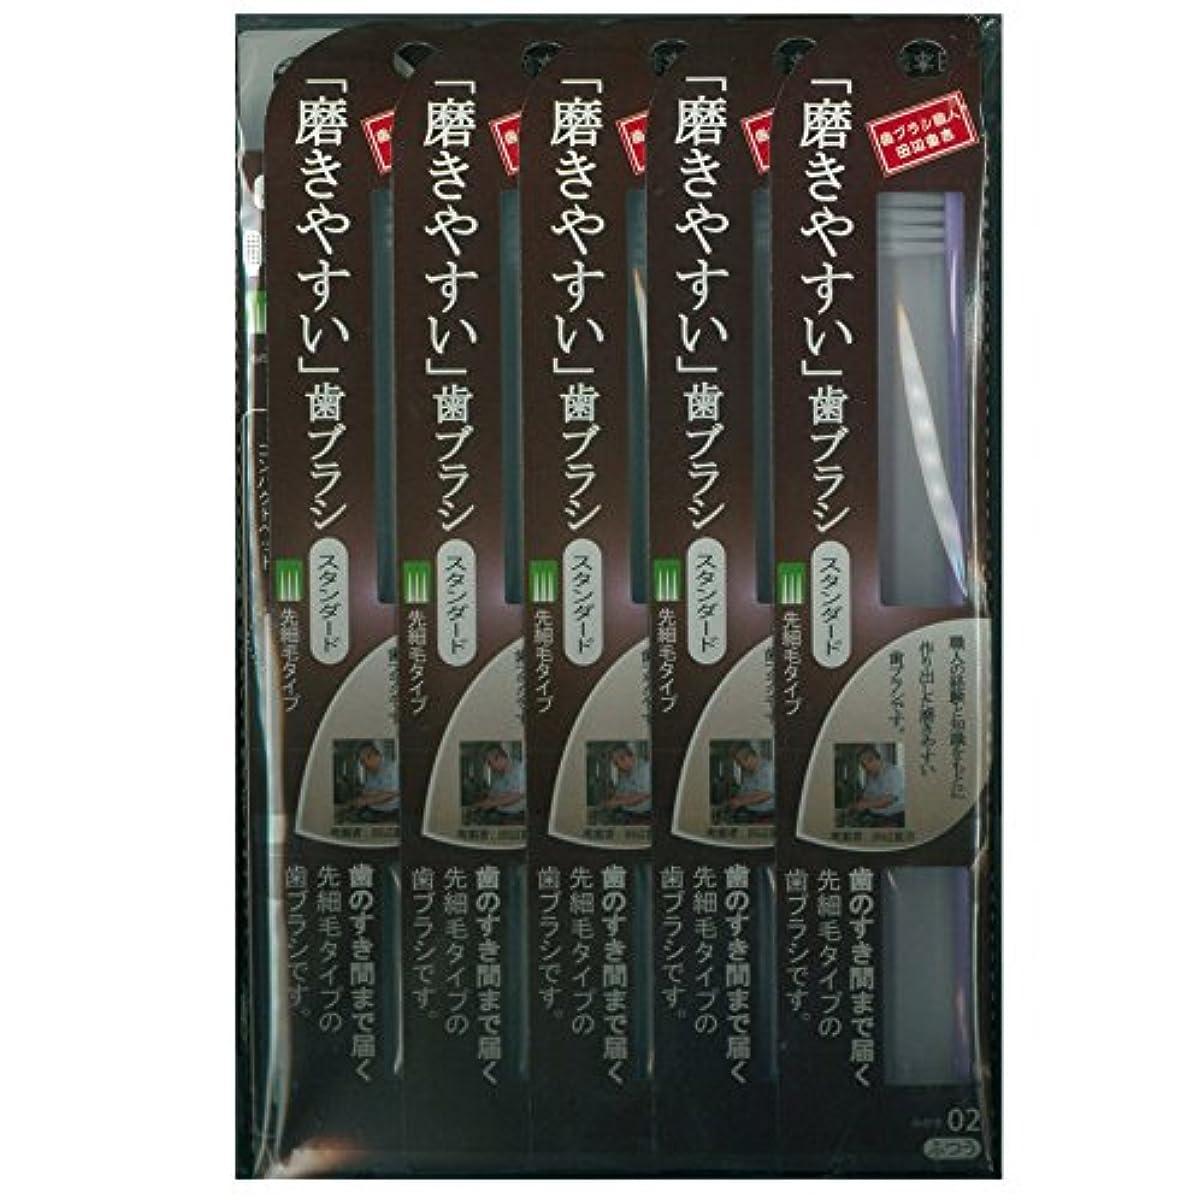 ハンマースーツお風呂を持っている磨きやすい歯ブラシ先細 LT-02×12本セット( ピンク×4本、ブルー×4本、グリーン×2本、パープル×2本)